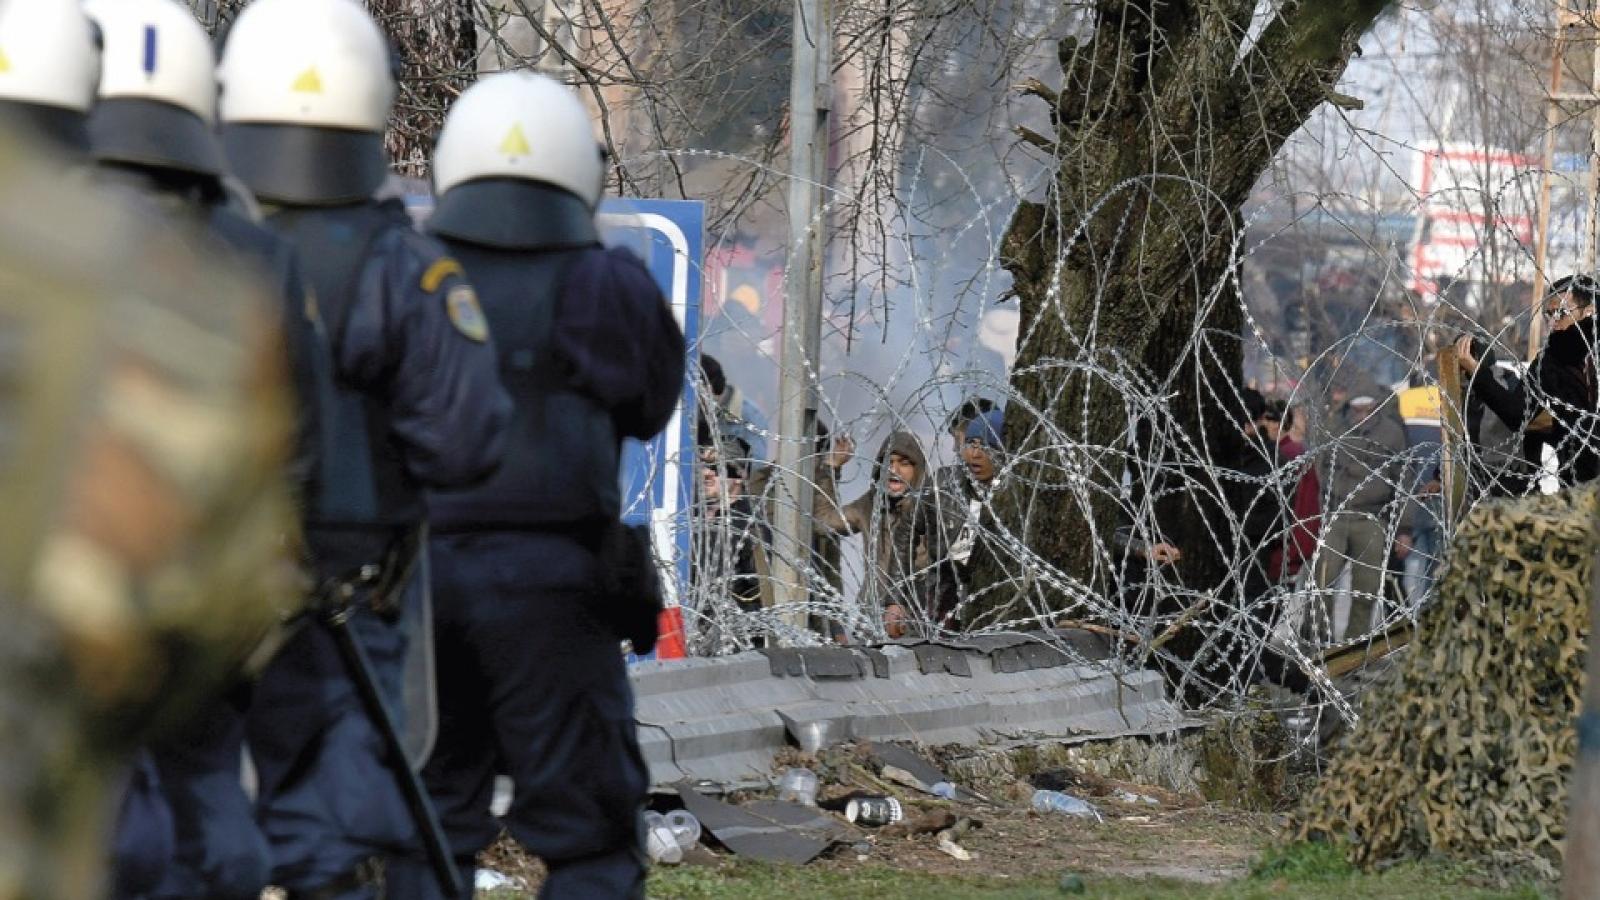 Lính Thổ Nhĩ Kỳ bắn chỉ thiên ở Evros, giới chức Hy Lạp và Frontex báo động